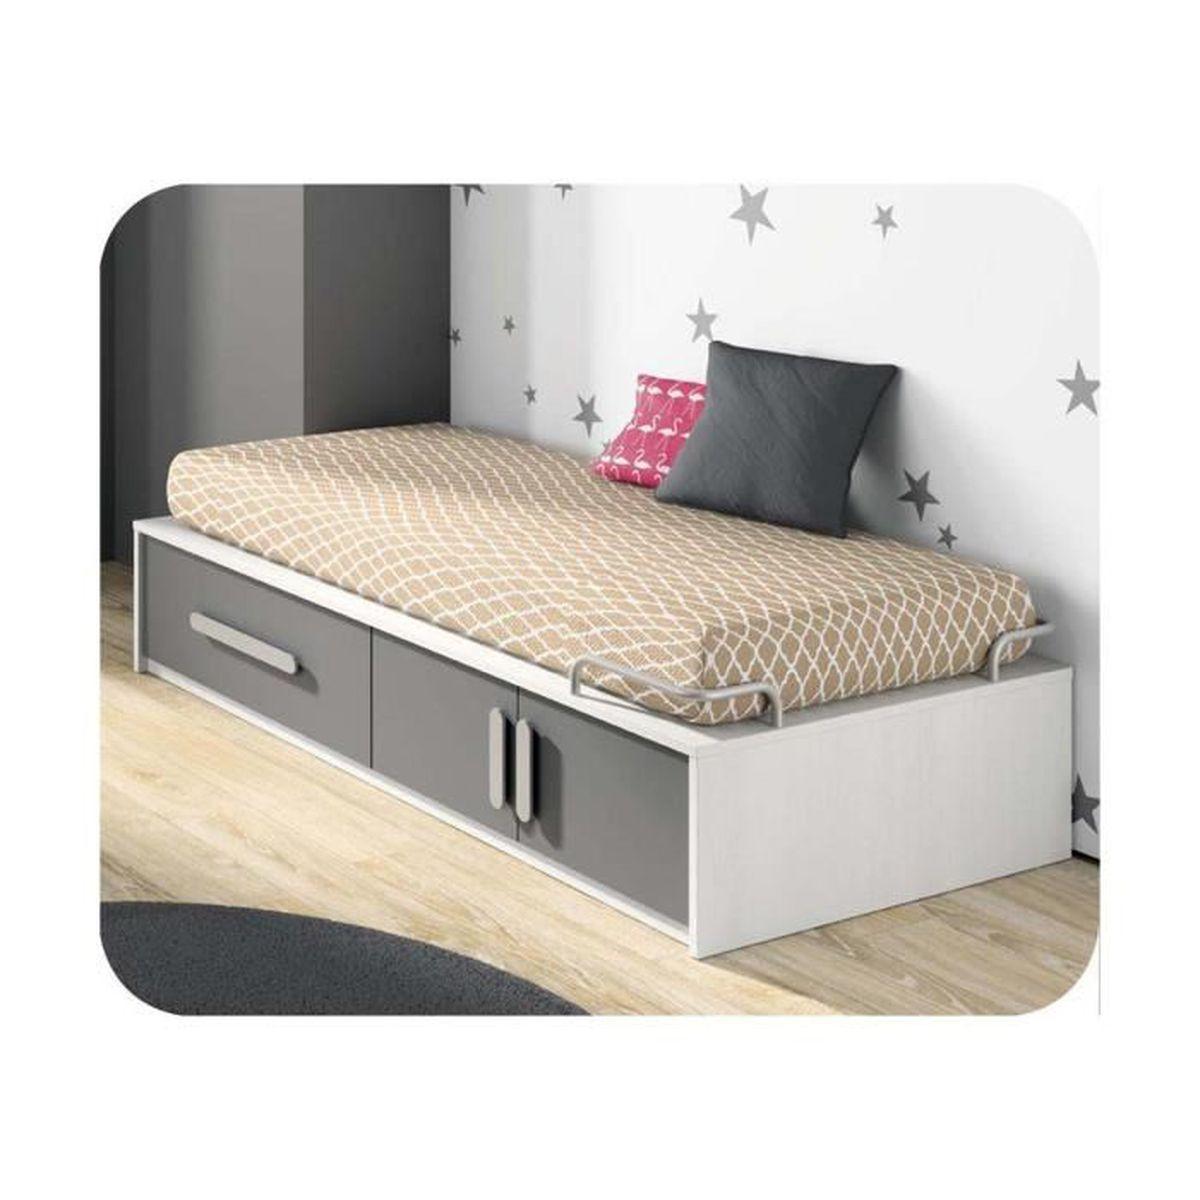 Pack lit enfant planet 90x190 cm avec sommier et matelas achat vente lit - Lit 140x190 avec sommier et matelas ...